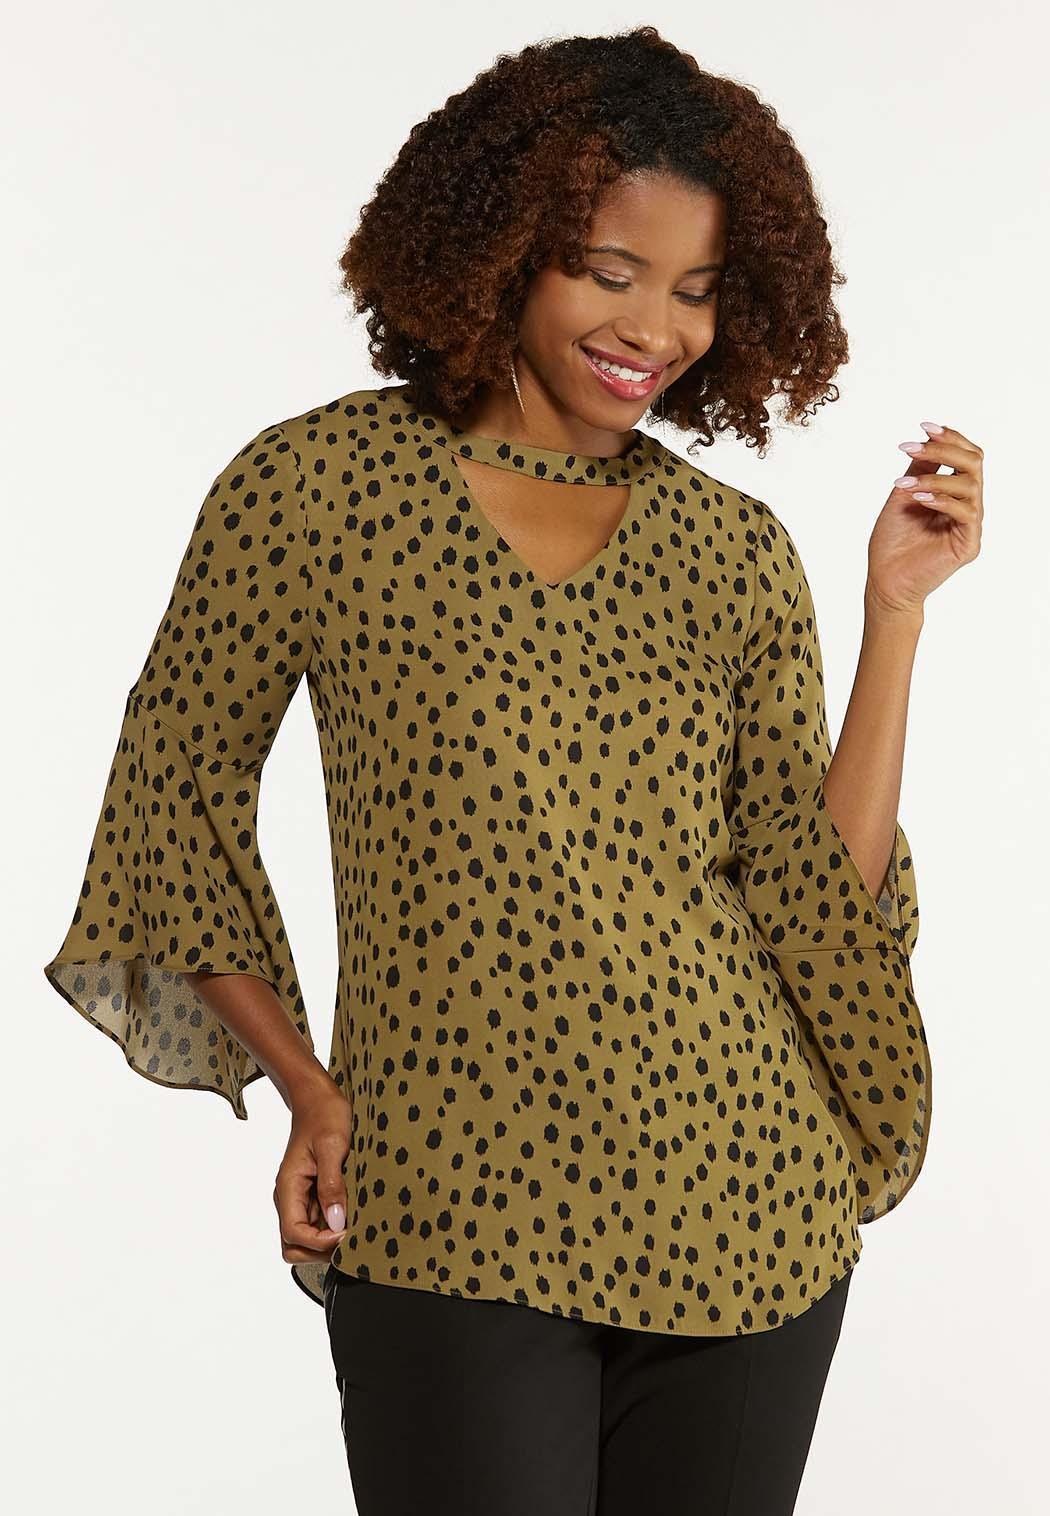 Plus Size Olive Leopard Top